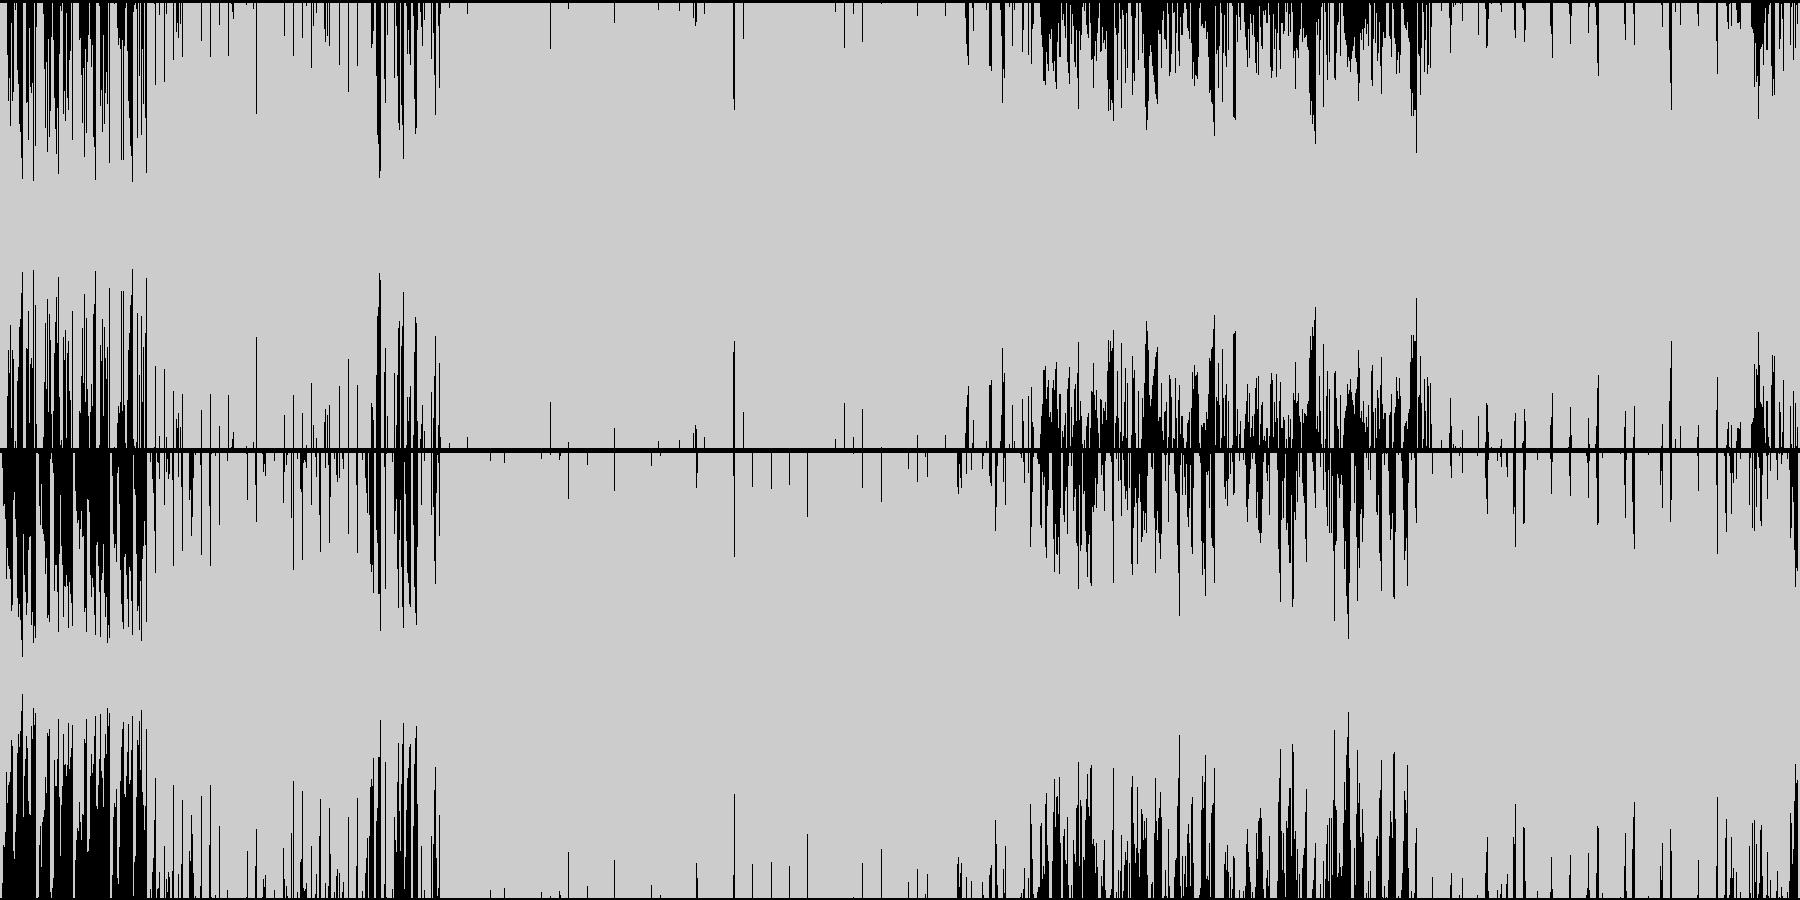 アジア+ラテン風戦闘曲!ループ素材の未再生の波形